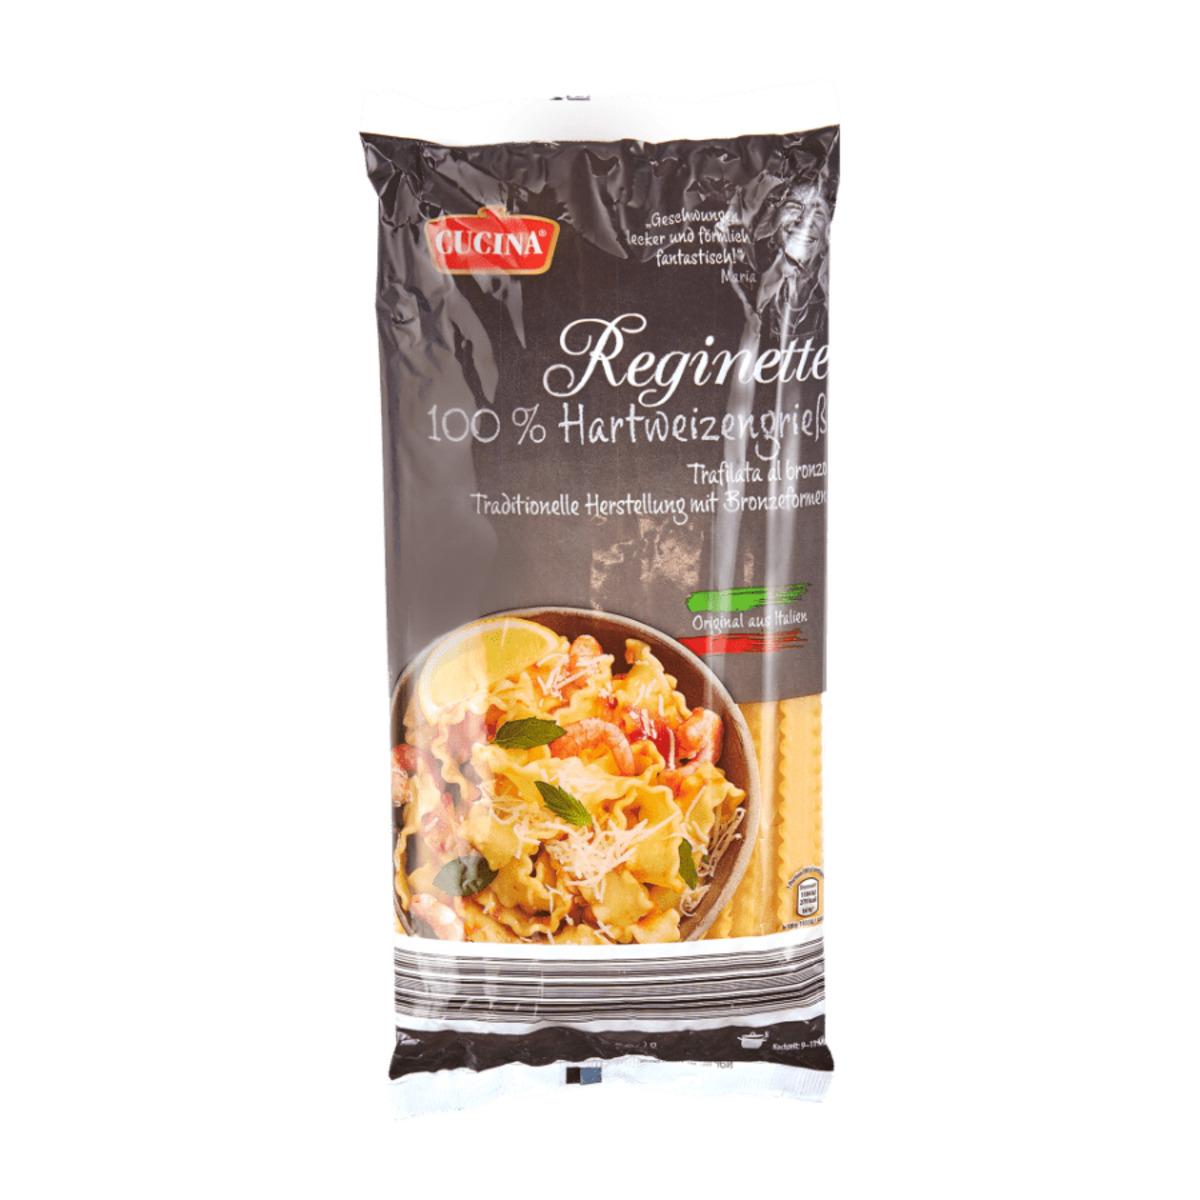 Bild 2 von CUCINA     Pasta-Spezialität